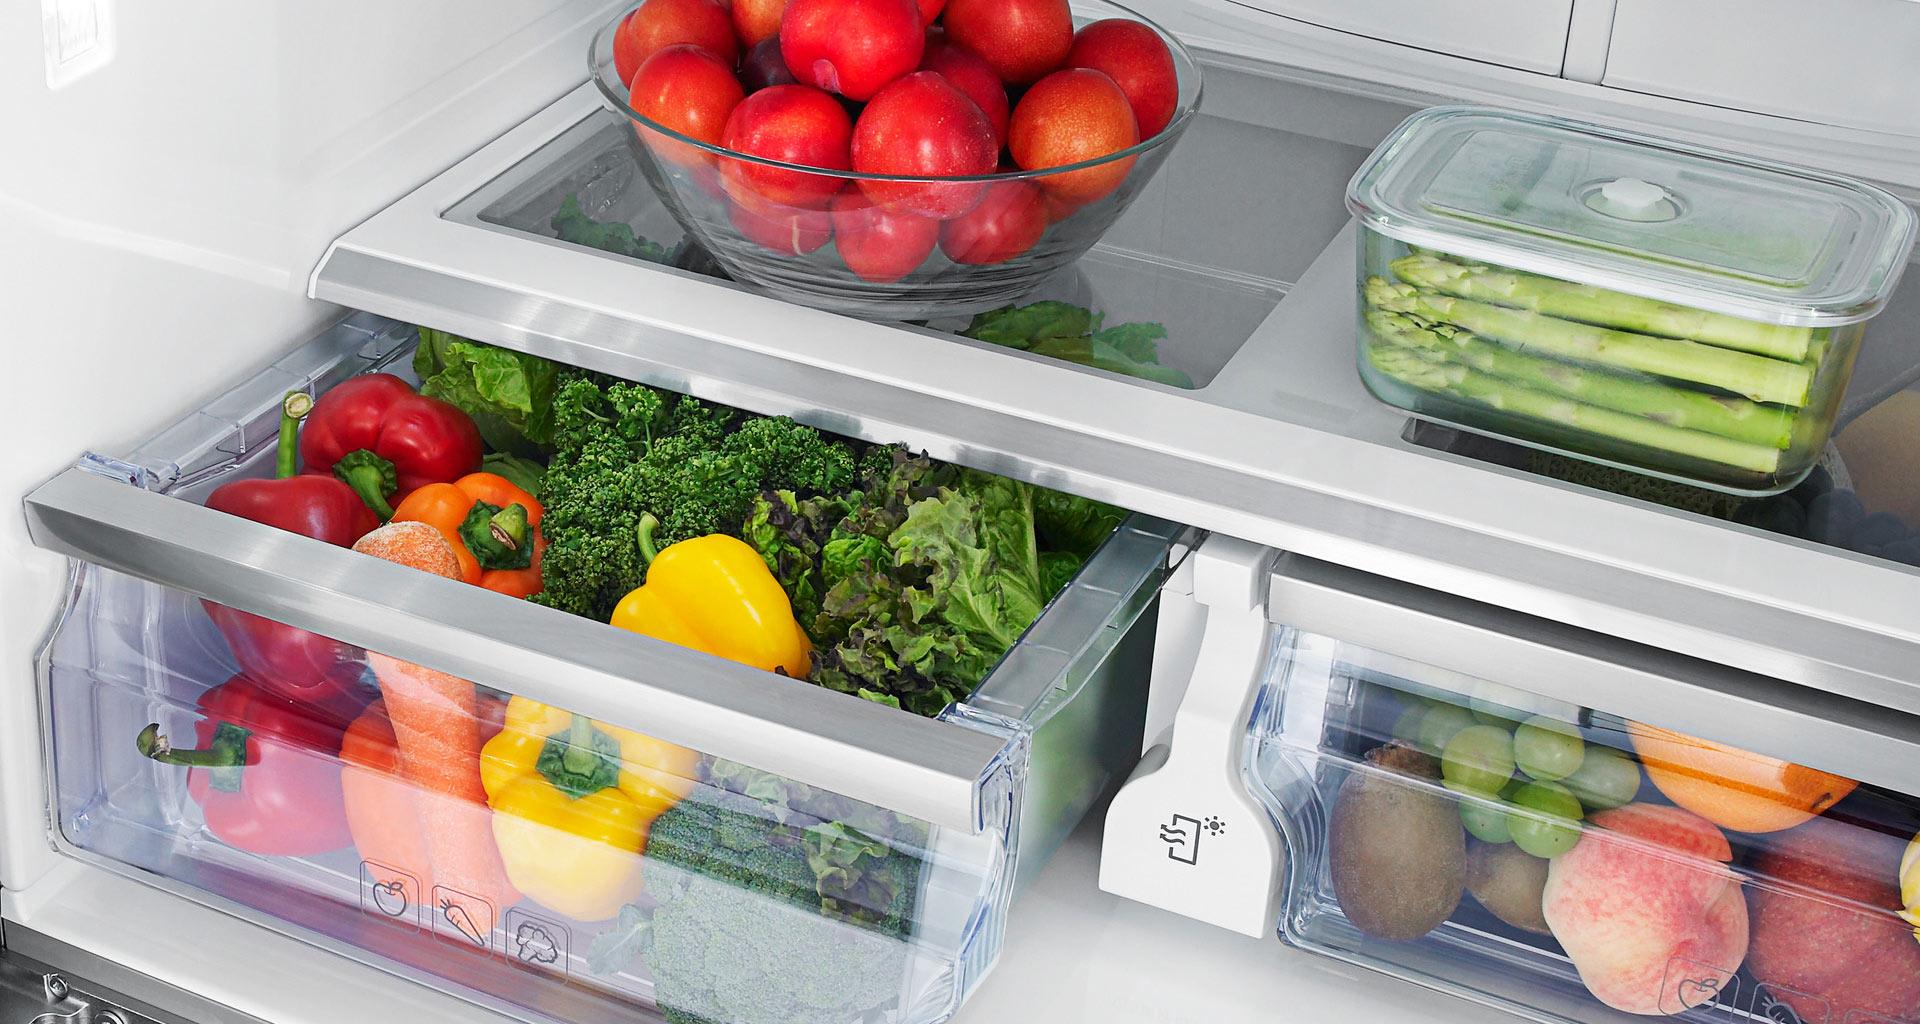 скопление воды под ящиками с фруктами